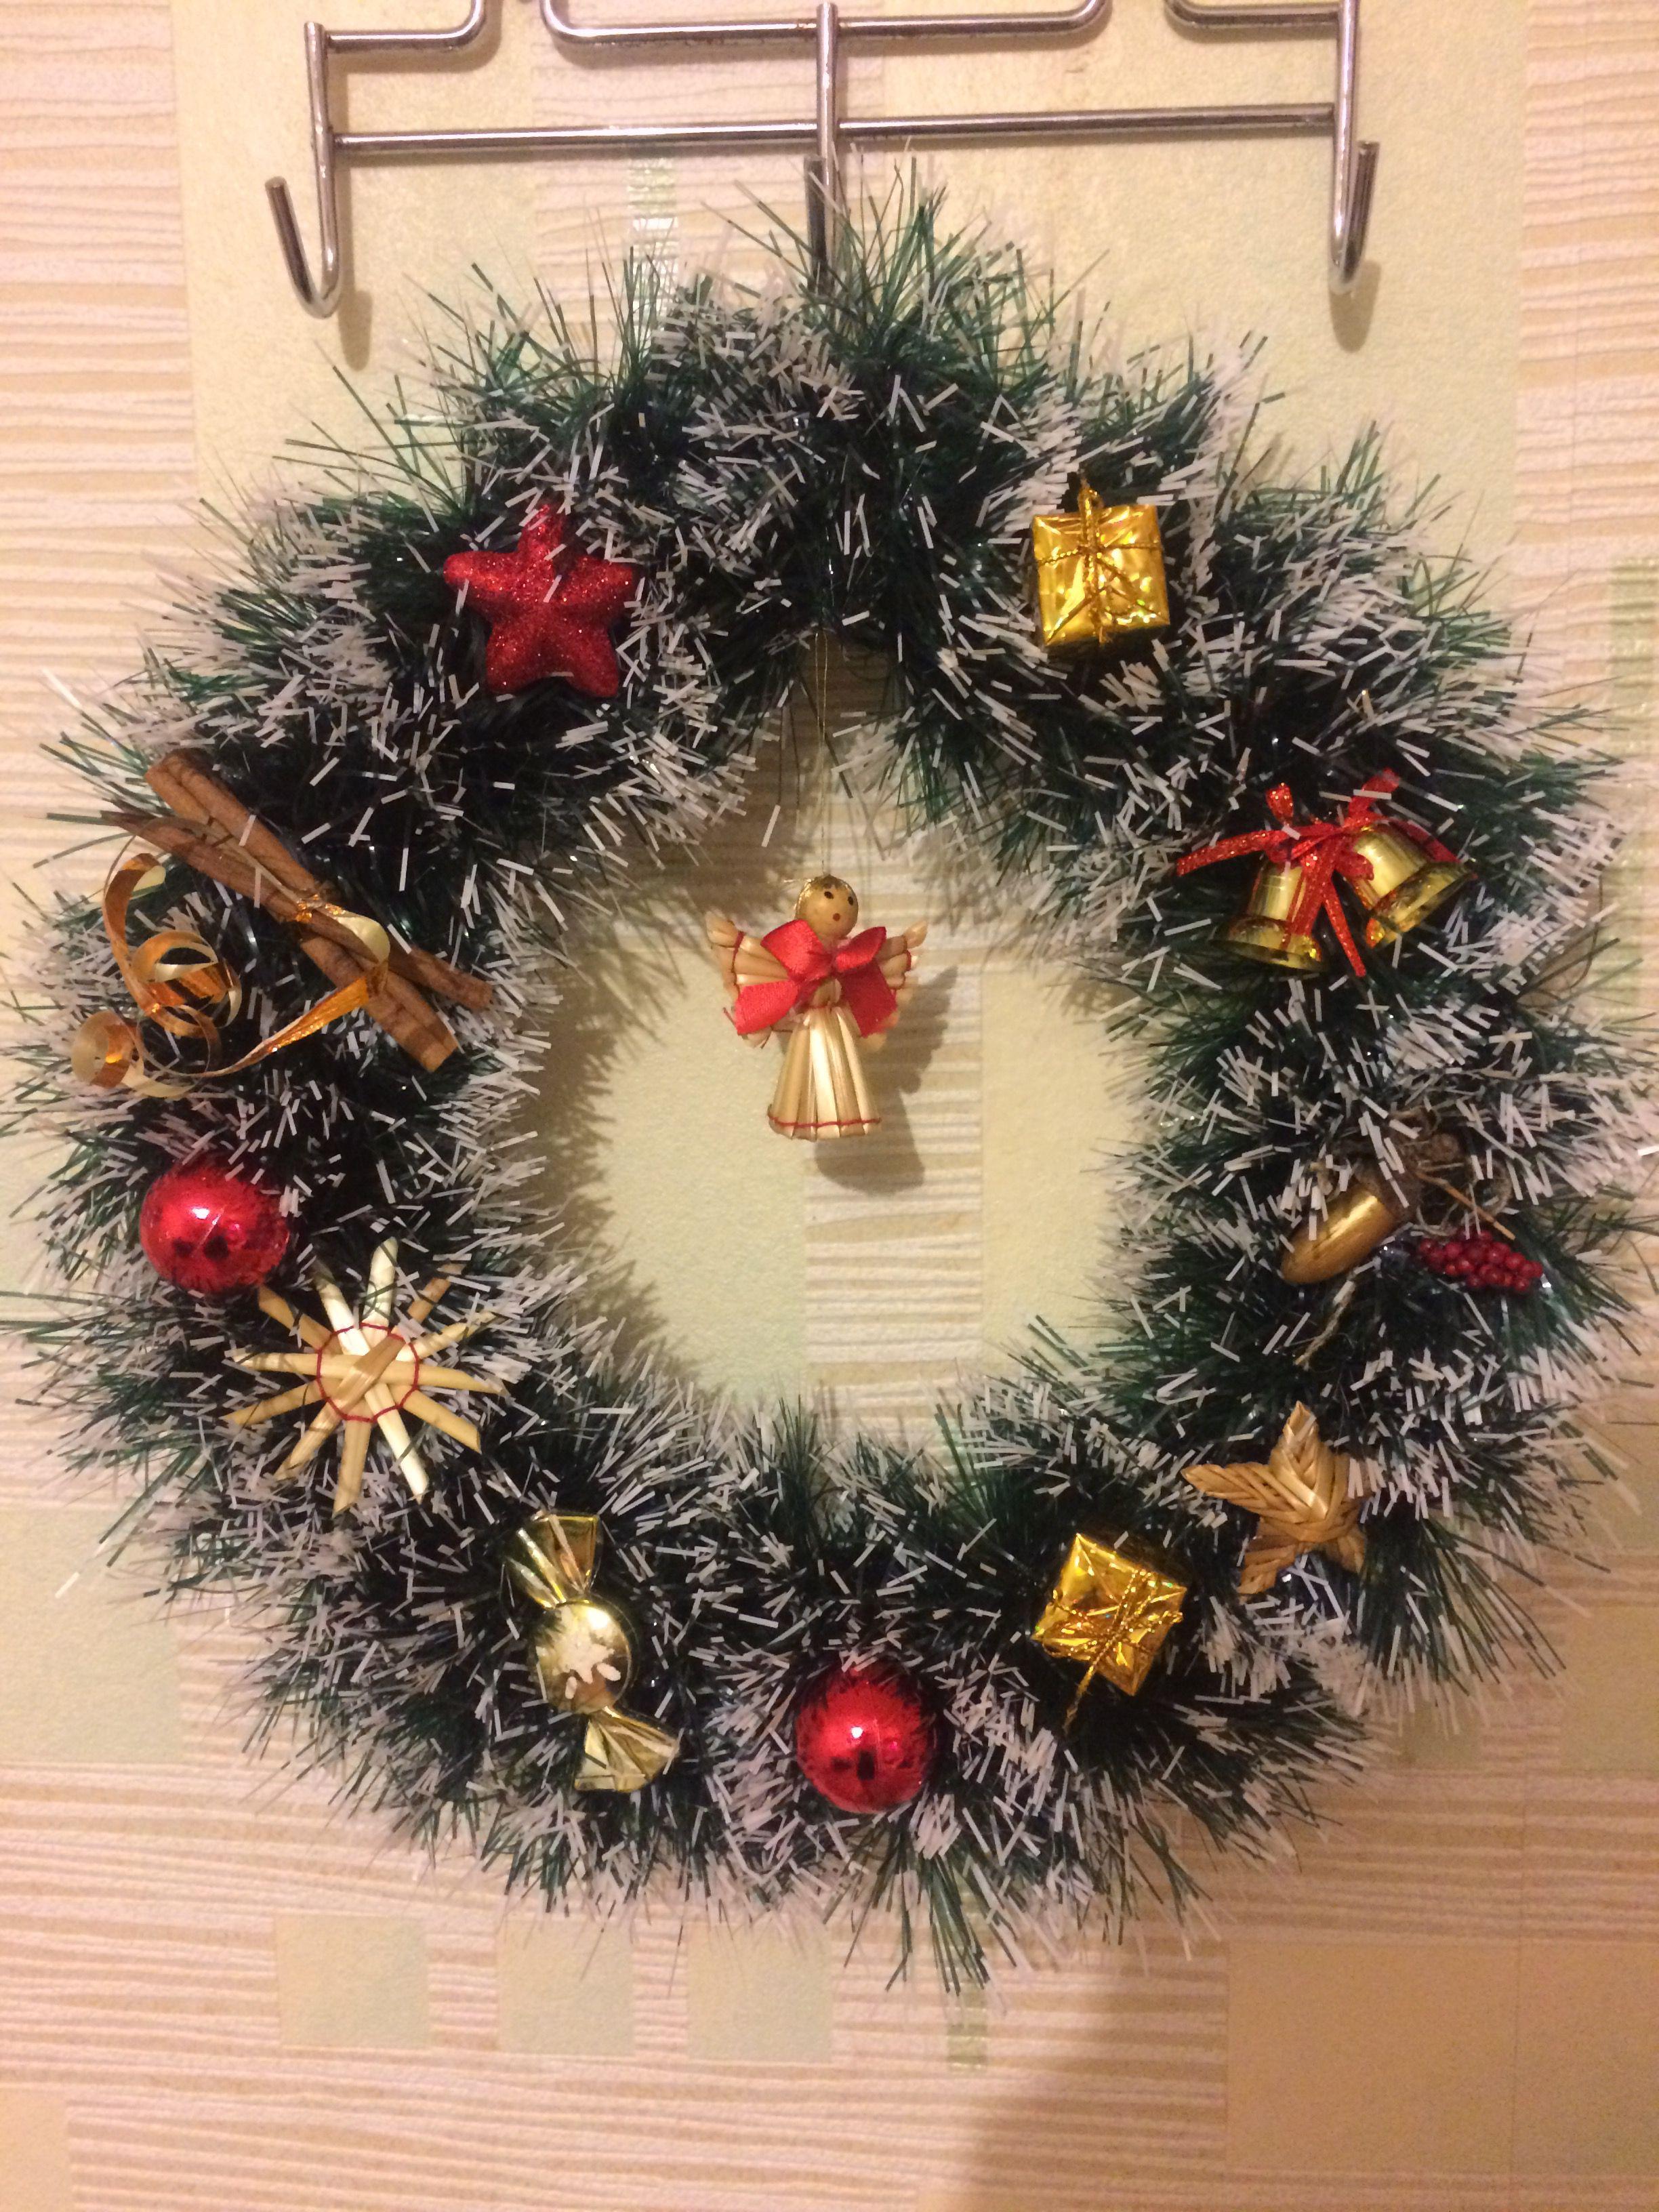 украшениедома праздничныйинтерьер новогоднийвенок венок новыйгод